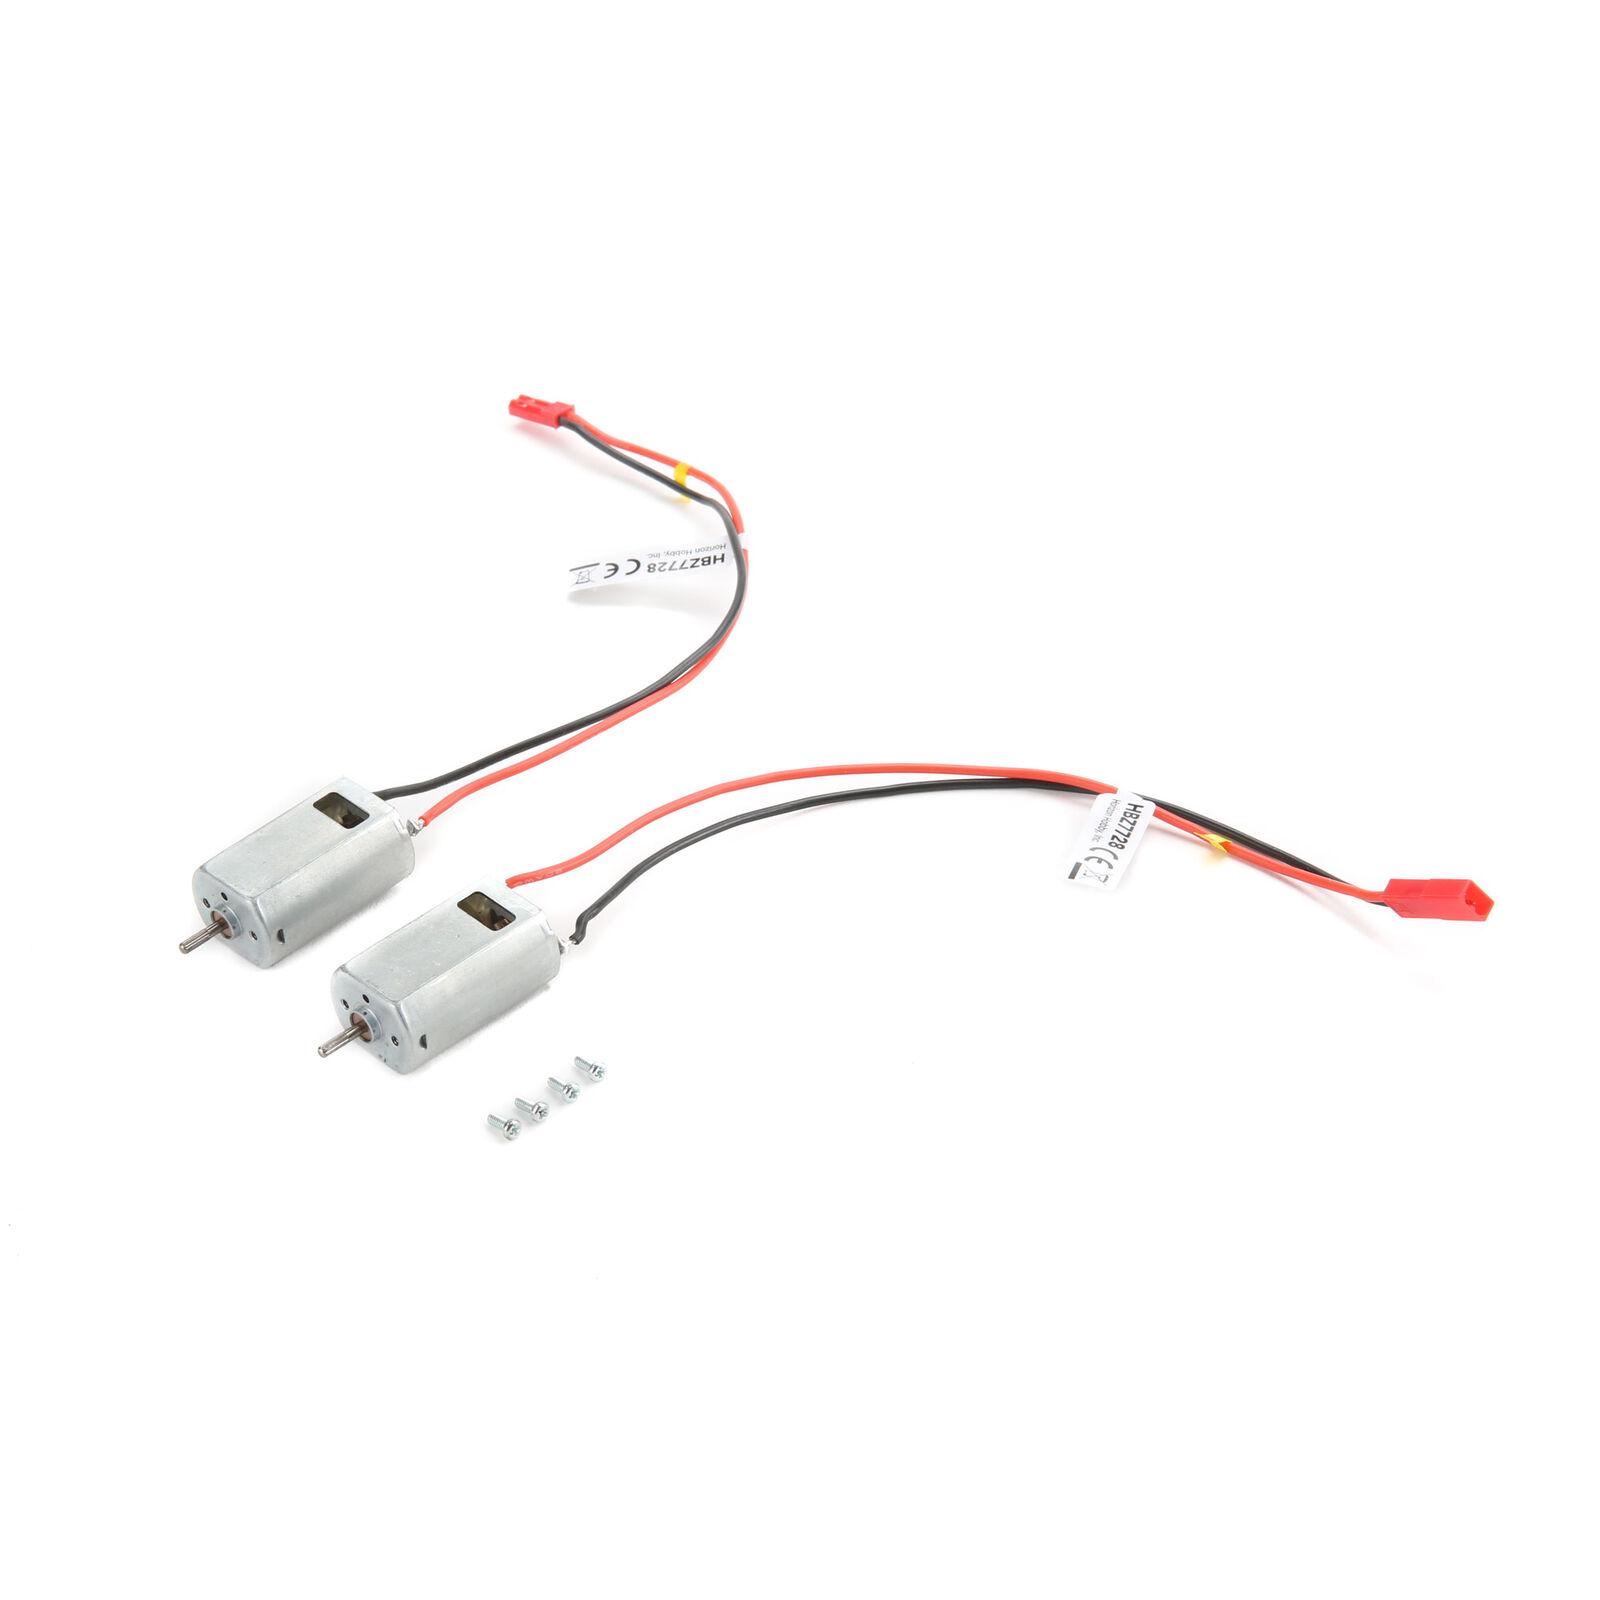 Brushed 180 Motor Set (2): Stratocam